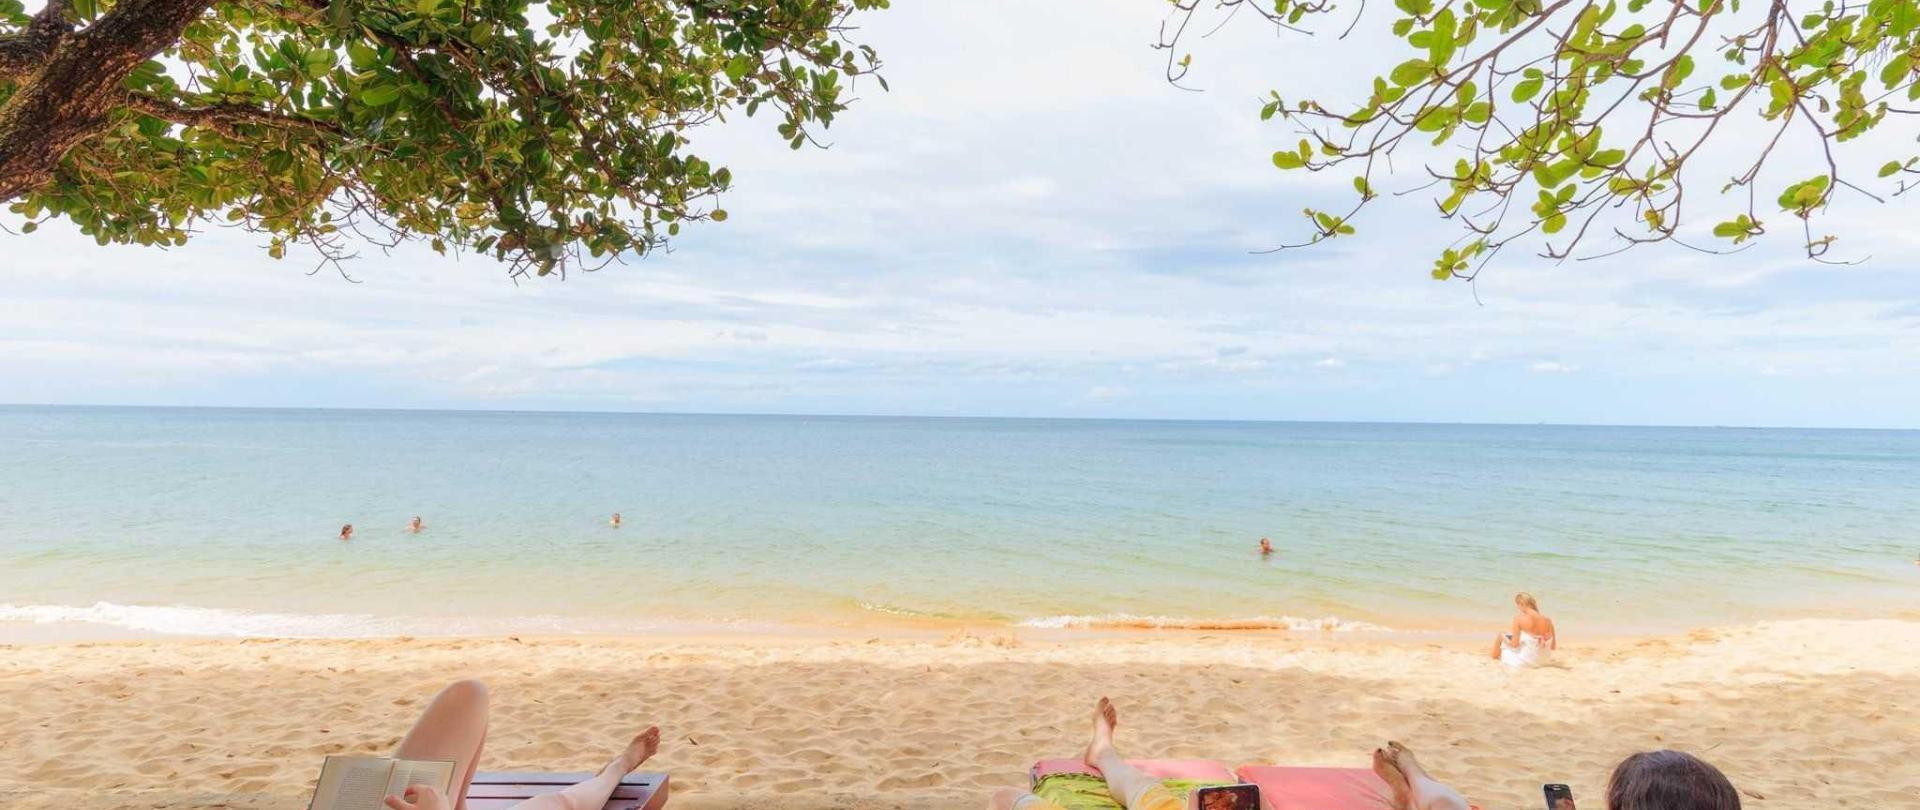 beach-1.jpg